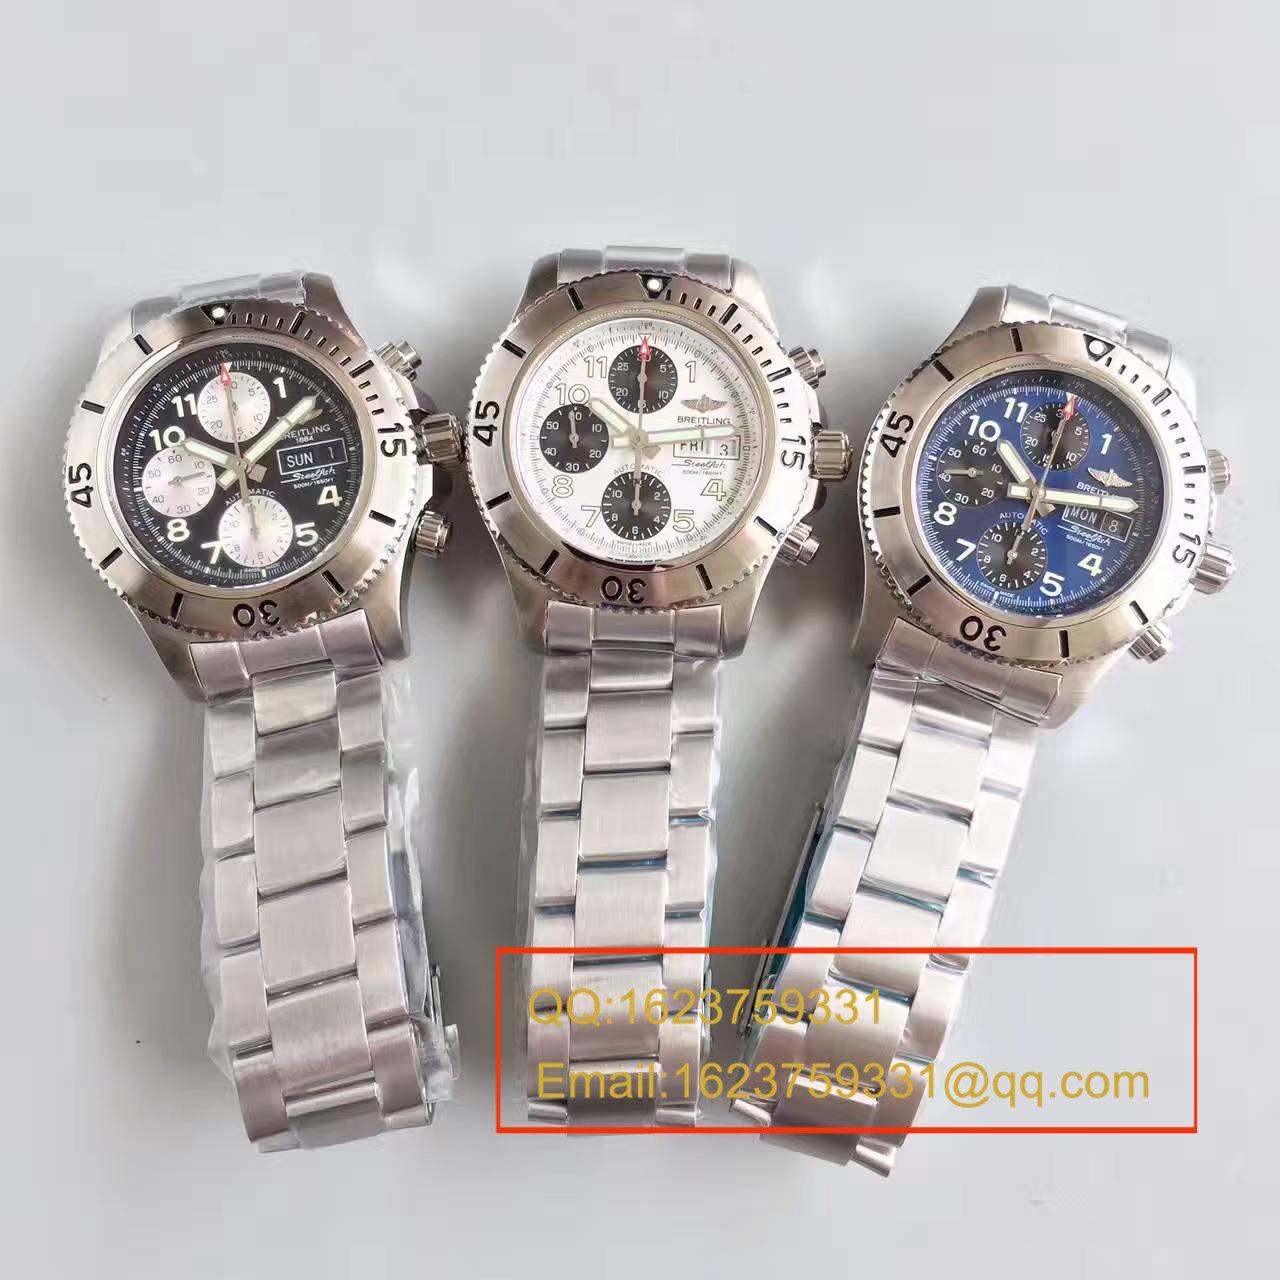 【GF一比一超A高仿手表】百年灵超级海洋系列A13341C3/G782/162A钢鱼计时腕表 / BL070